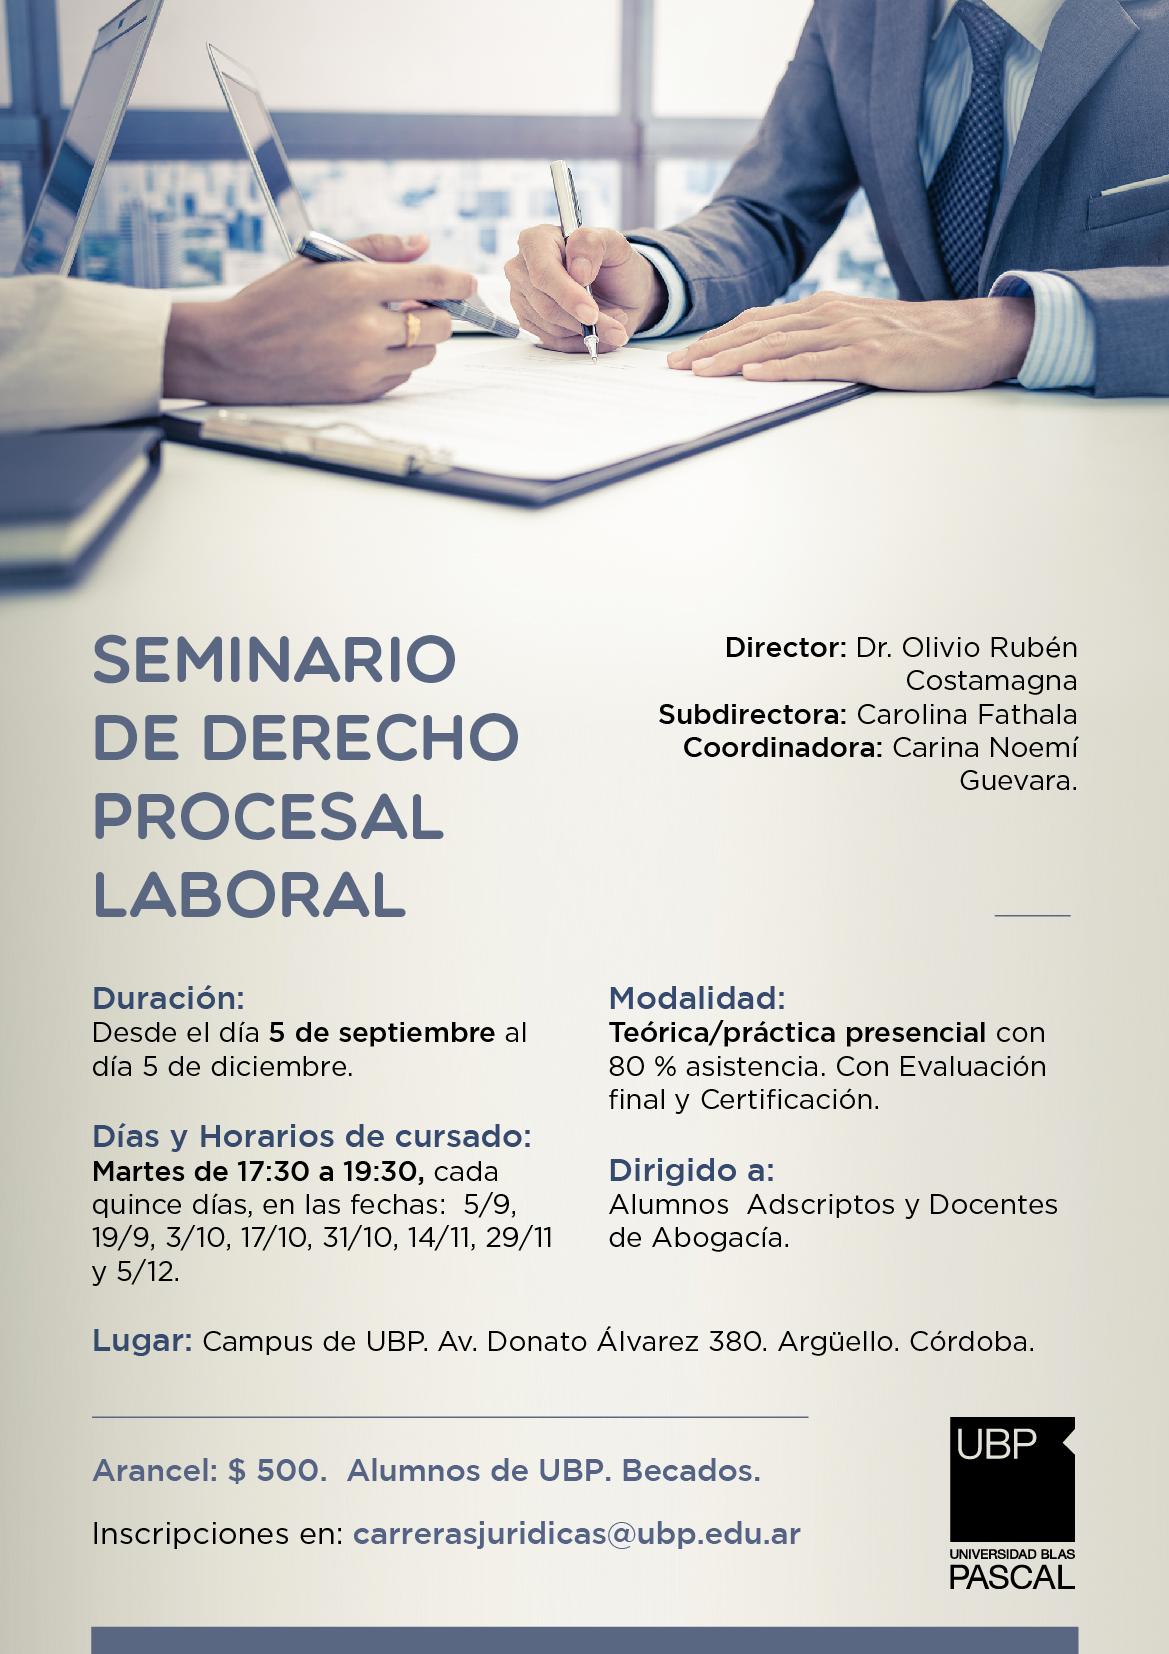 Seminario de Derecho Procesal Laboral